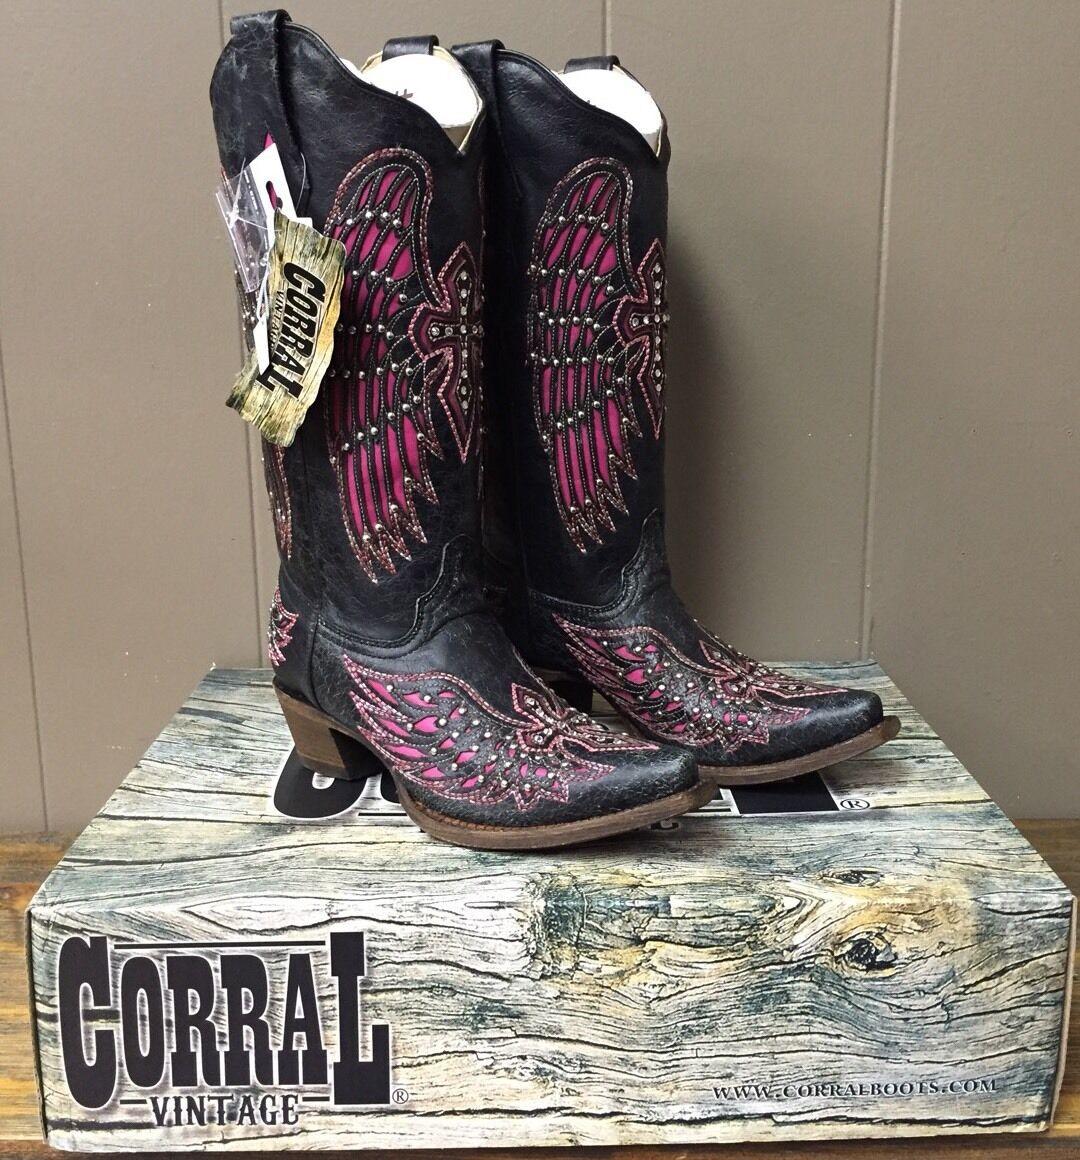 perfezionare Donna  Corral stivali. stivali. stivali. nero-rosa Wing & Cross With Studs, Dimensione 7, A 1049, New   prezzi bassi